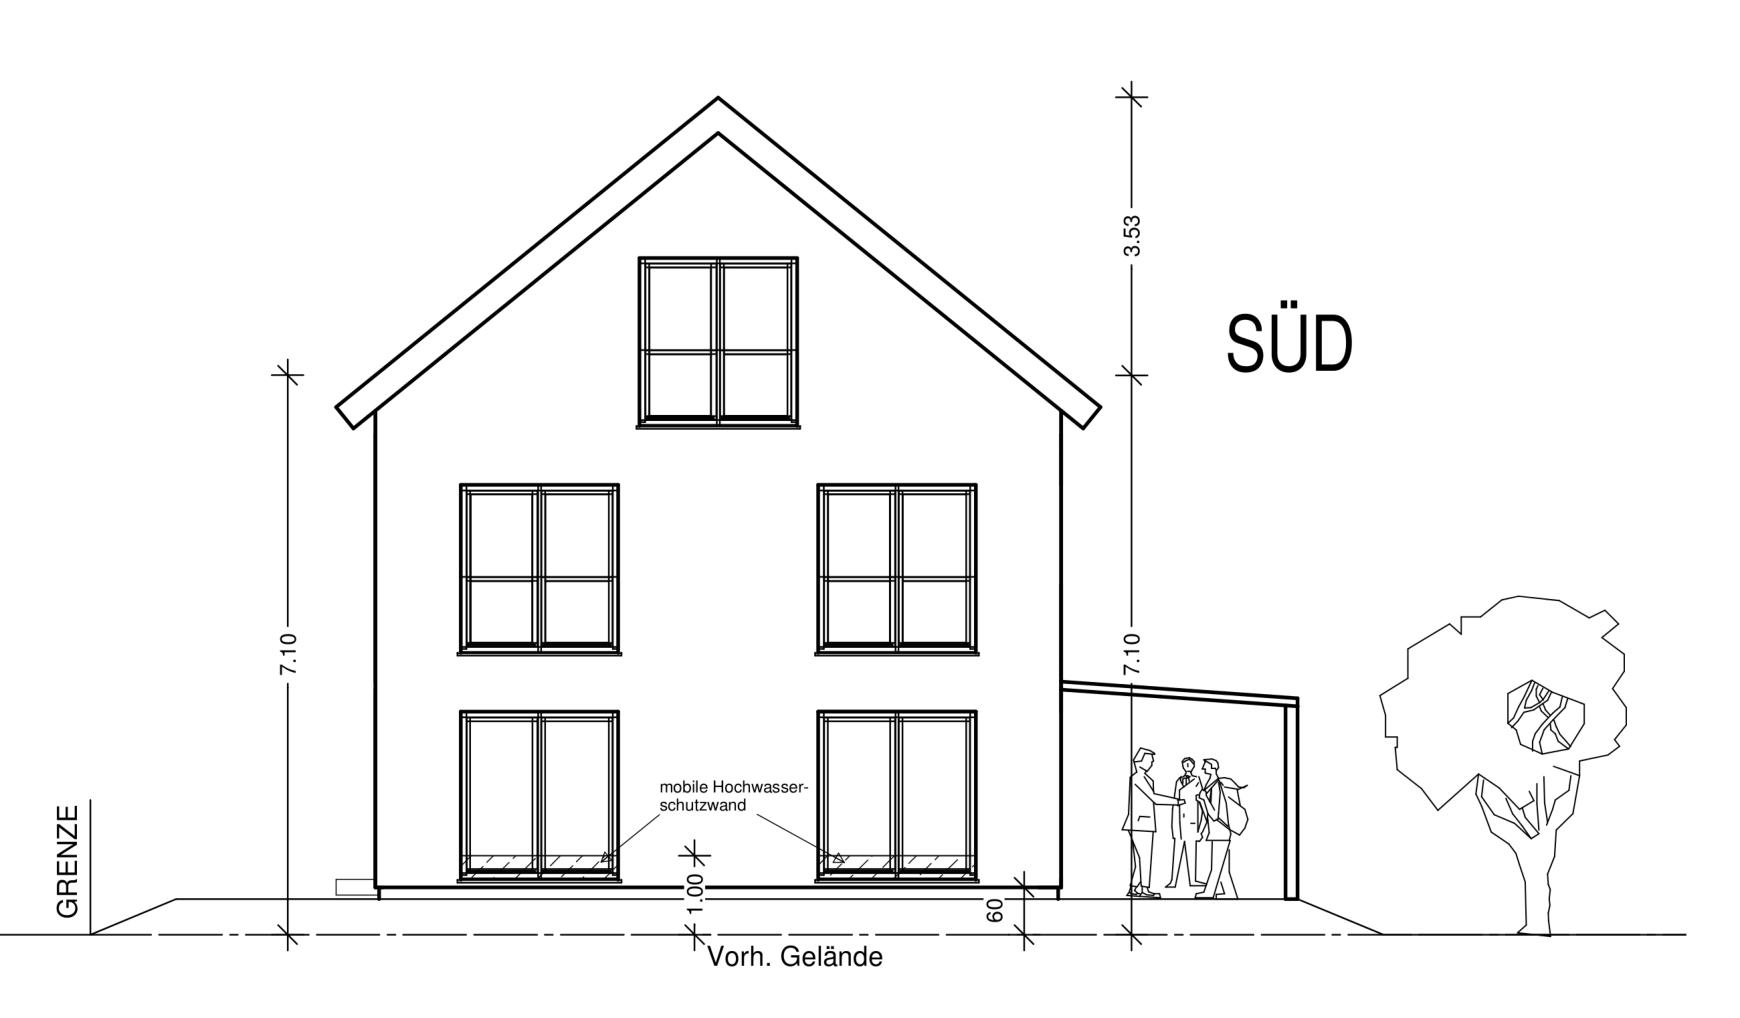 Plan unsere nummer 1 - Garten zeichnen ...